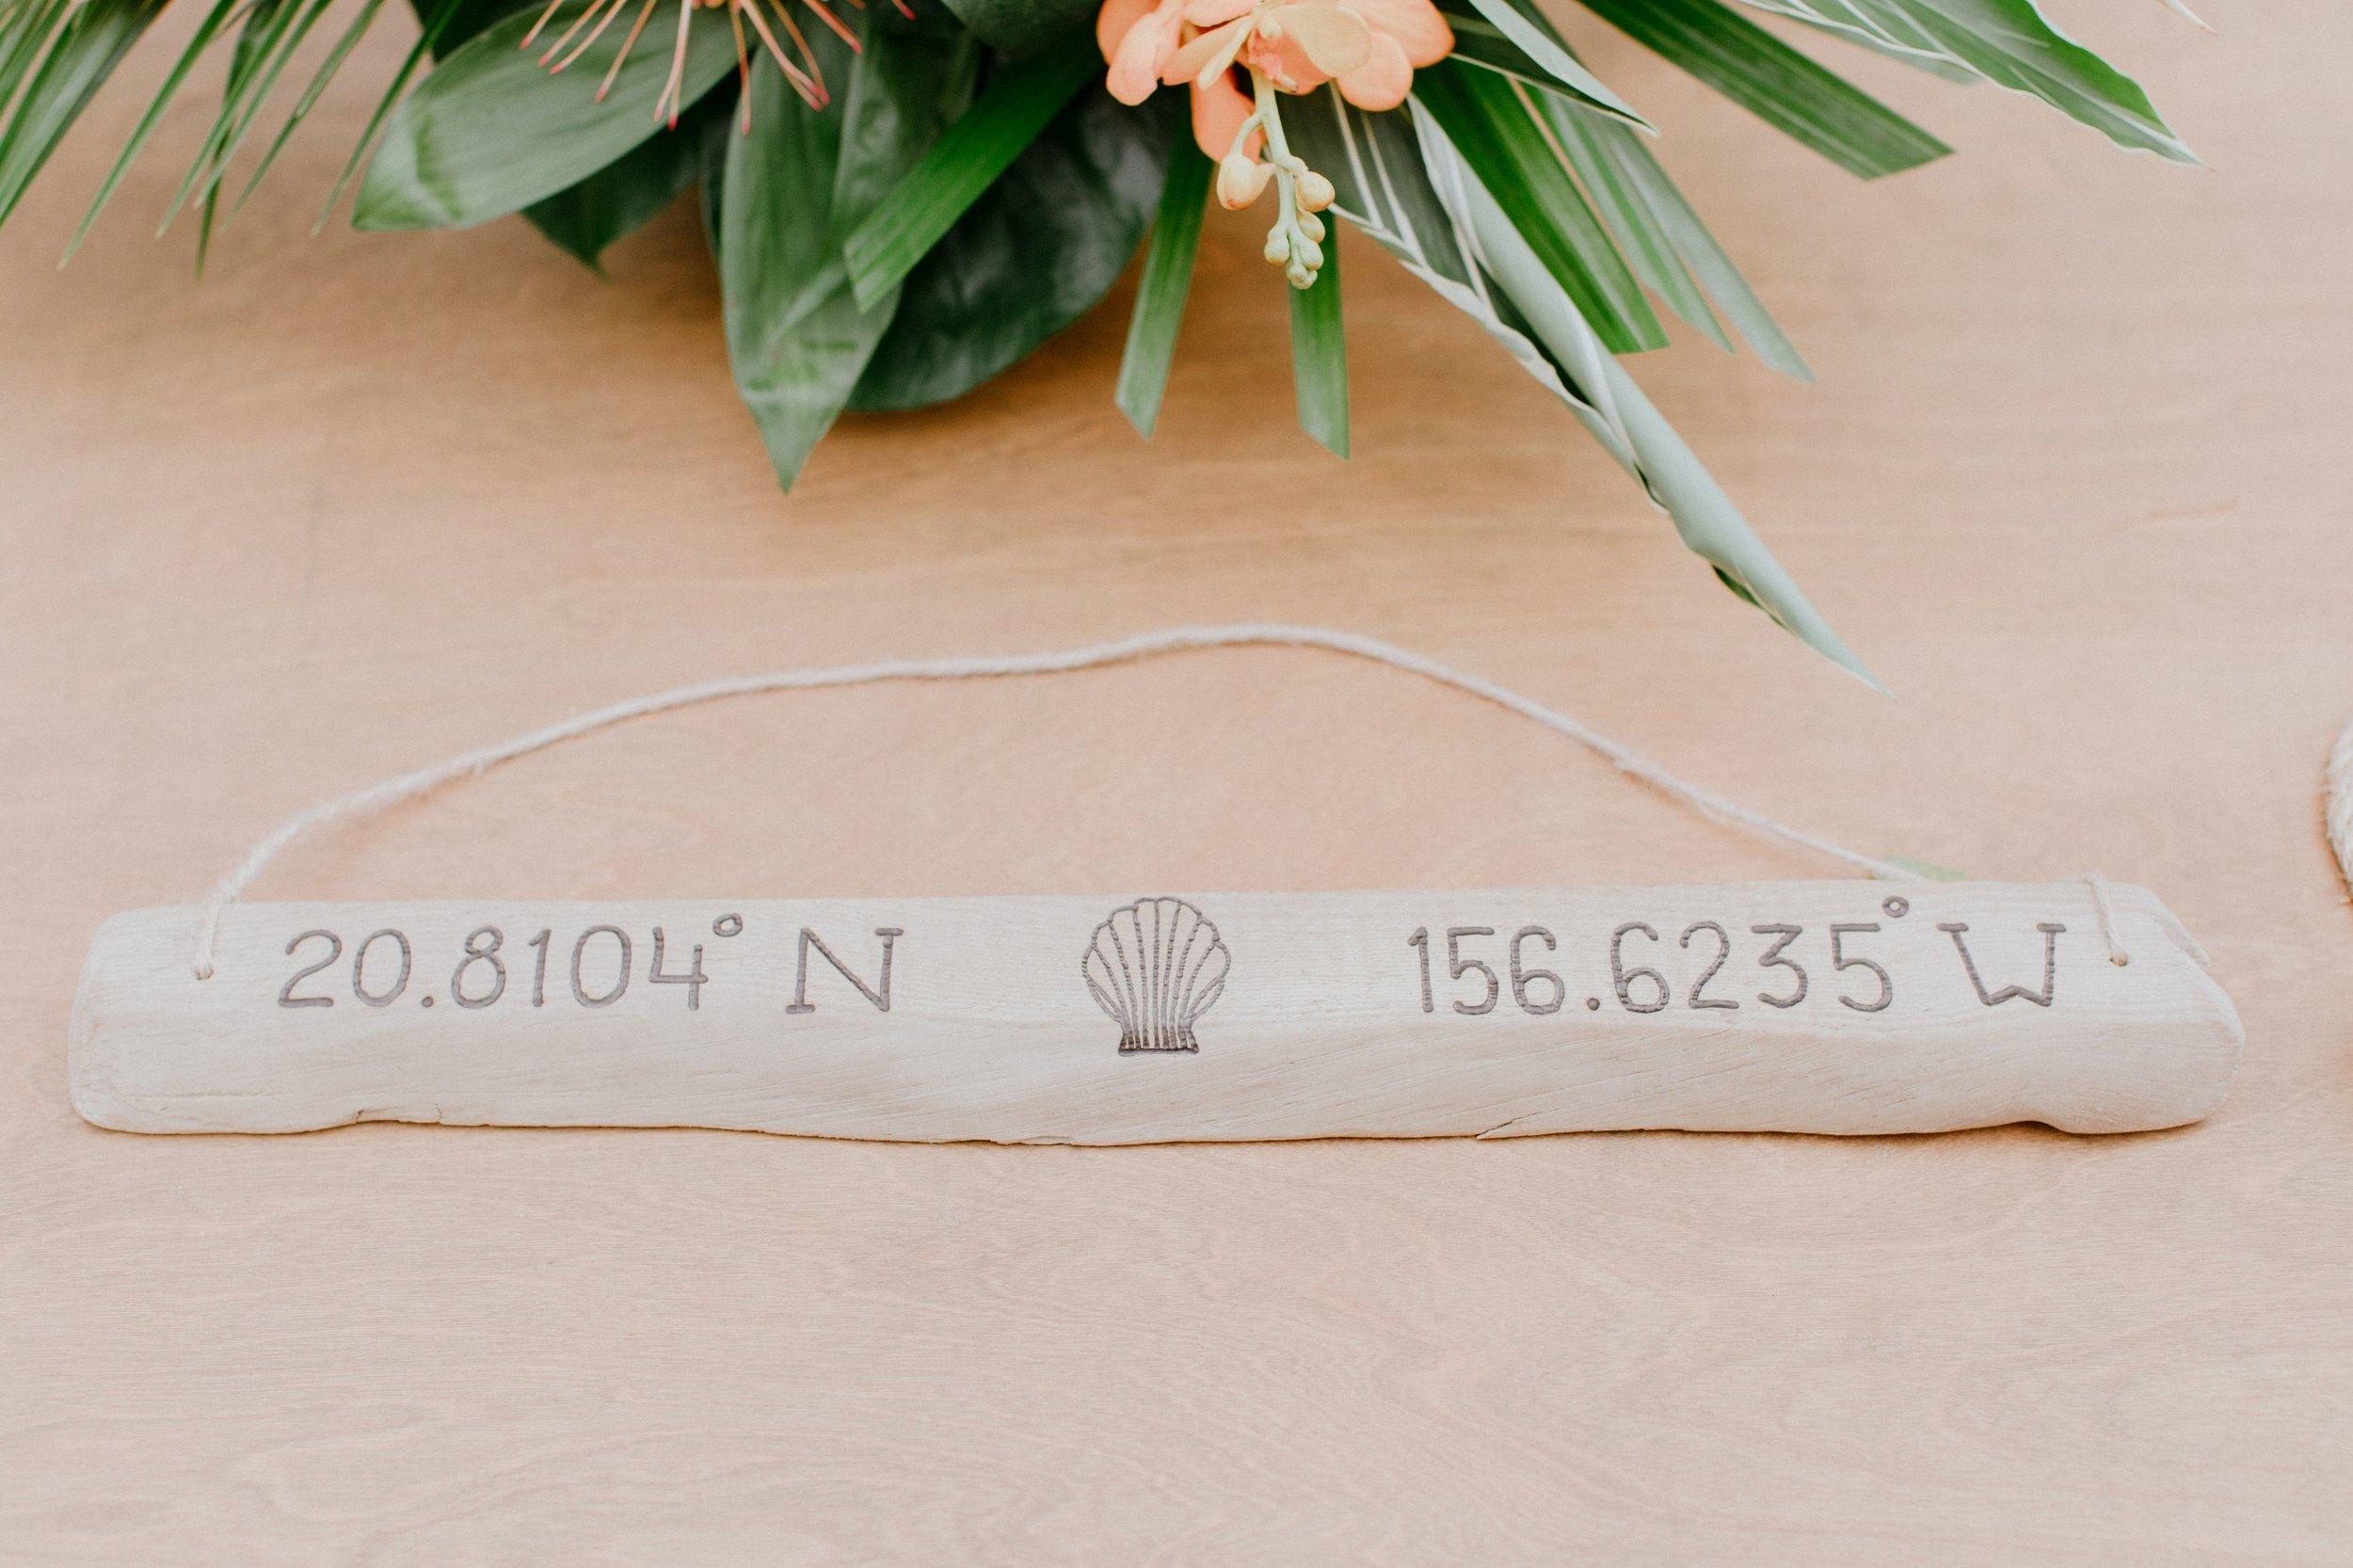 Chris-J-Evans-maui-wedding-JA152.jpg